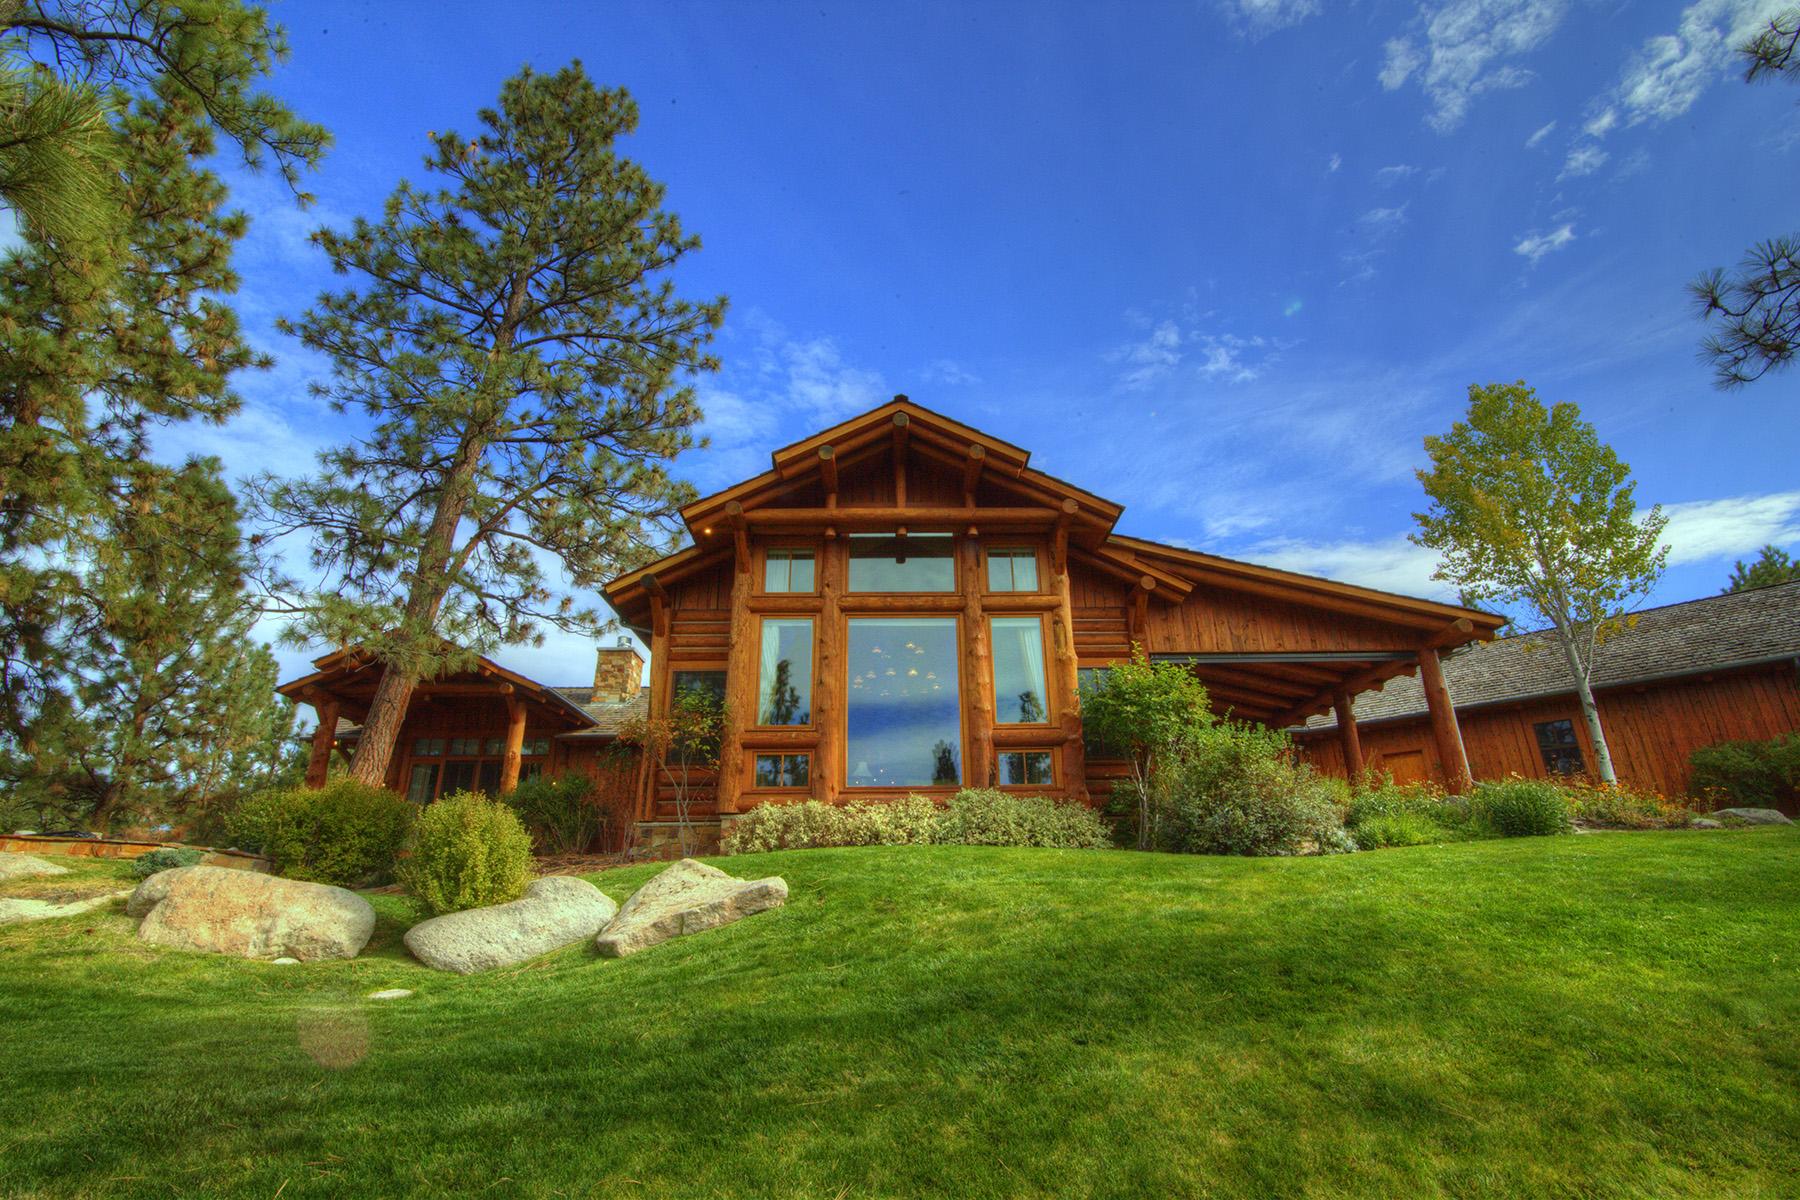 独户住宅 为 销售 在 1461 Stock Farm Road 1461 Stock Farm Rd 汉密尔顿, 蒙大拿州, 59840 美国